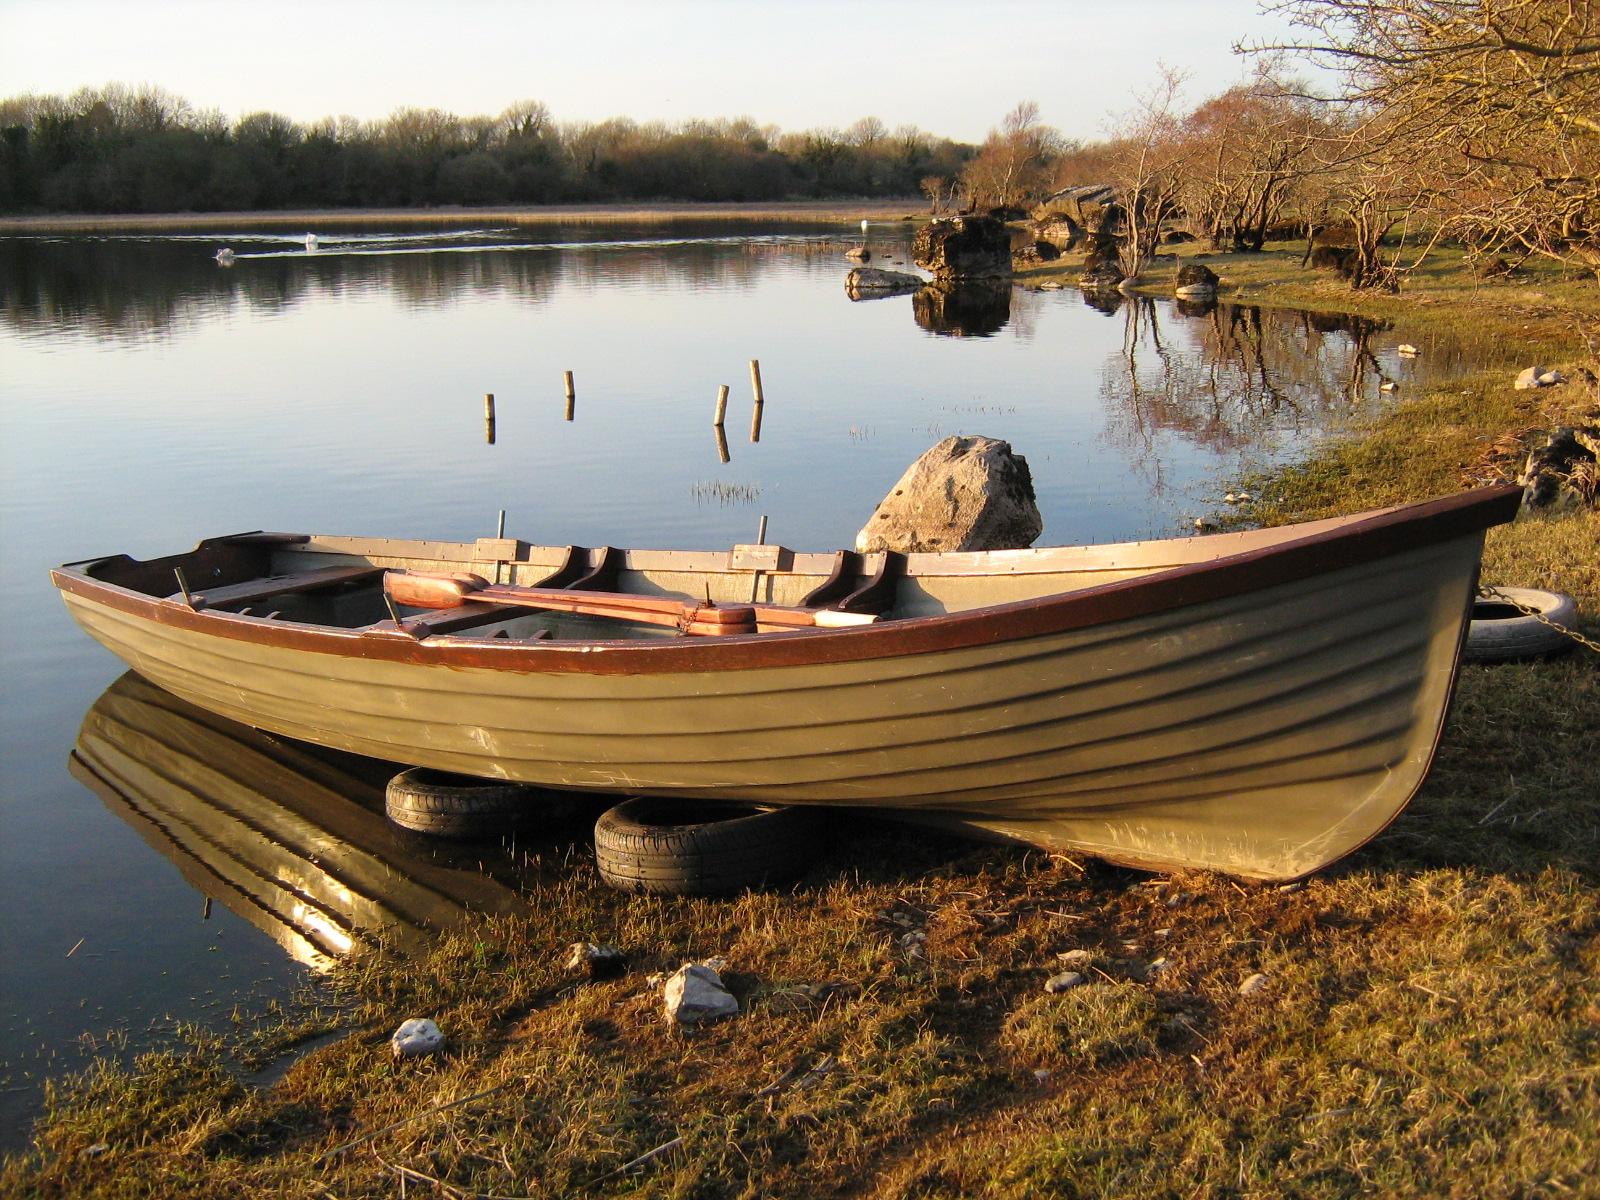 My boat in Muphy's field